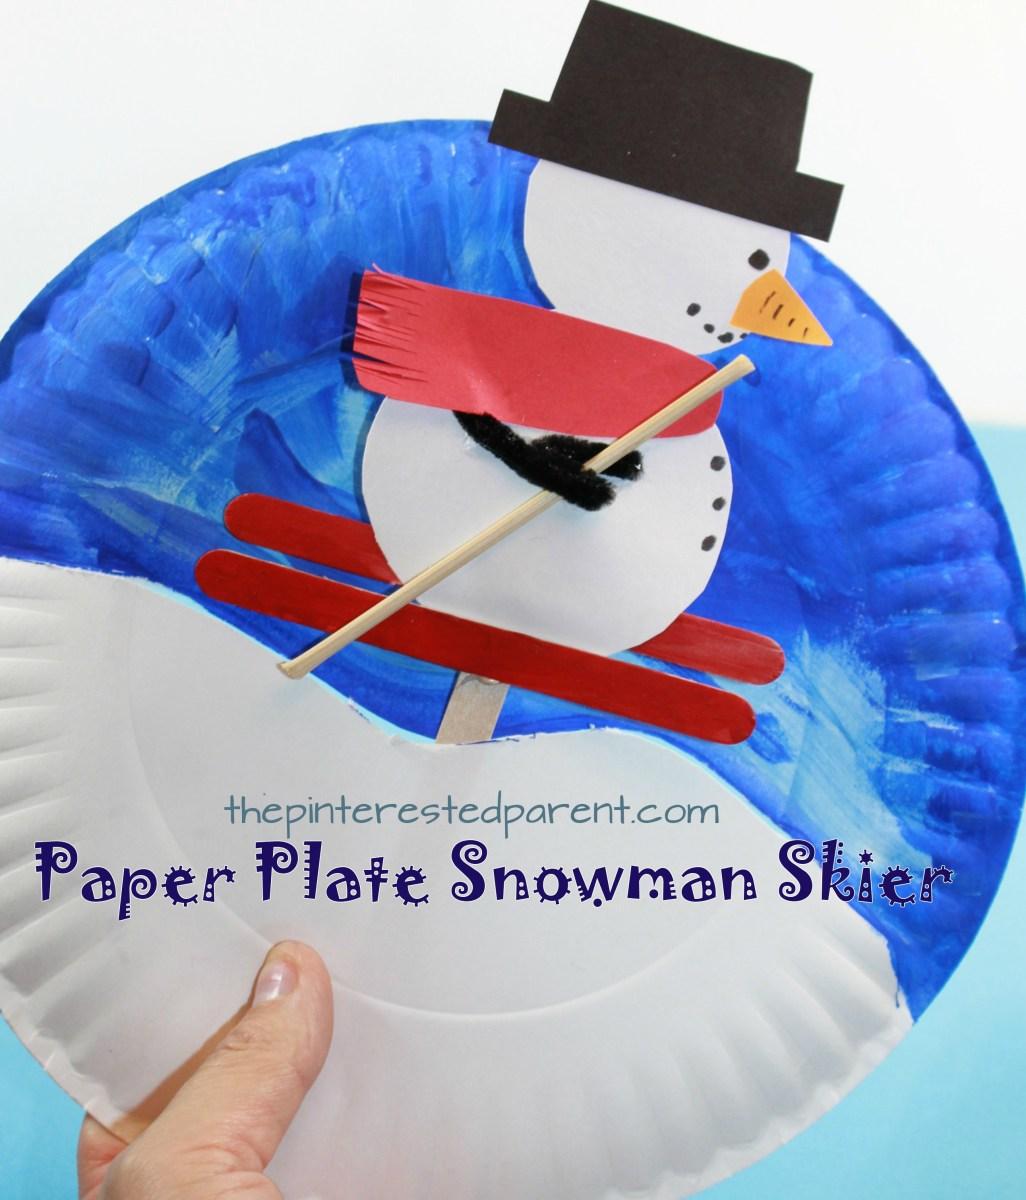 Paper Plate Snowman Skier Craft